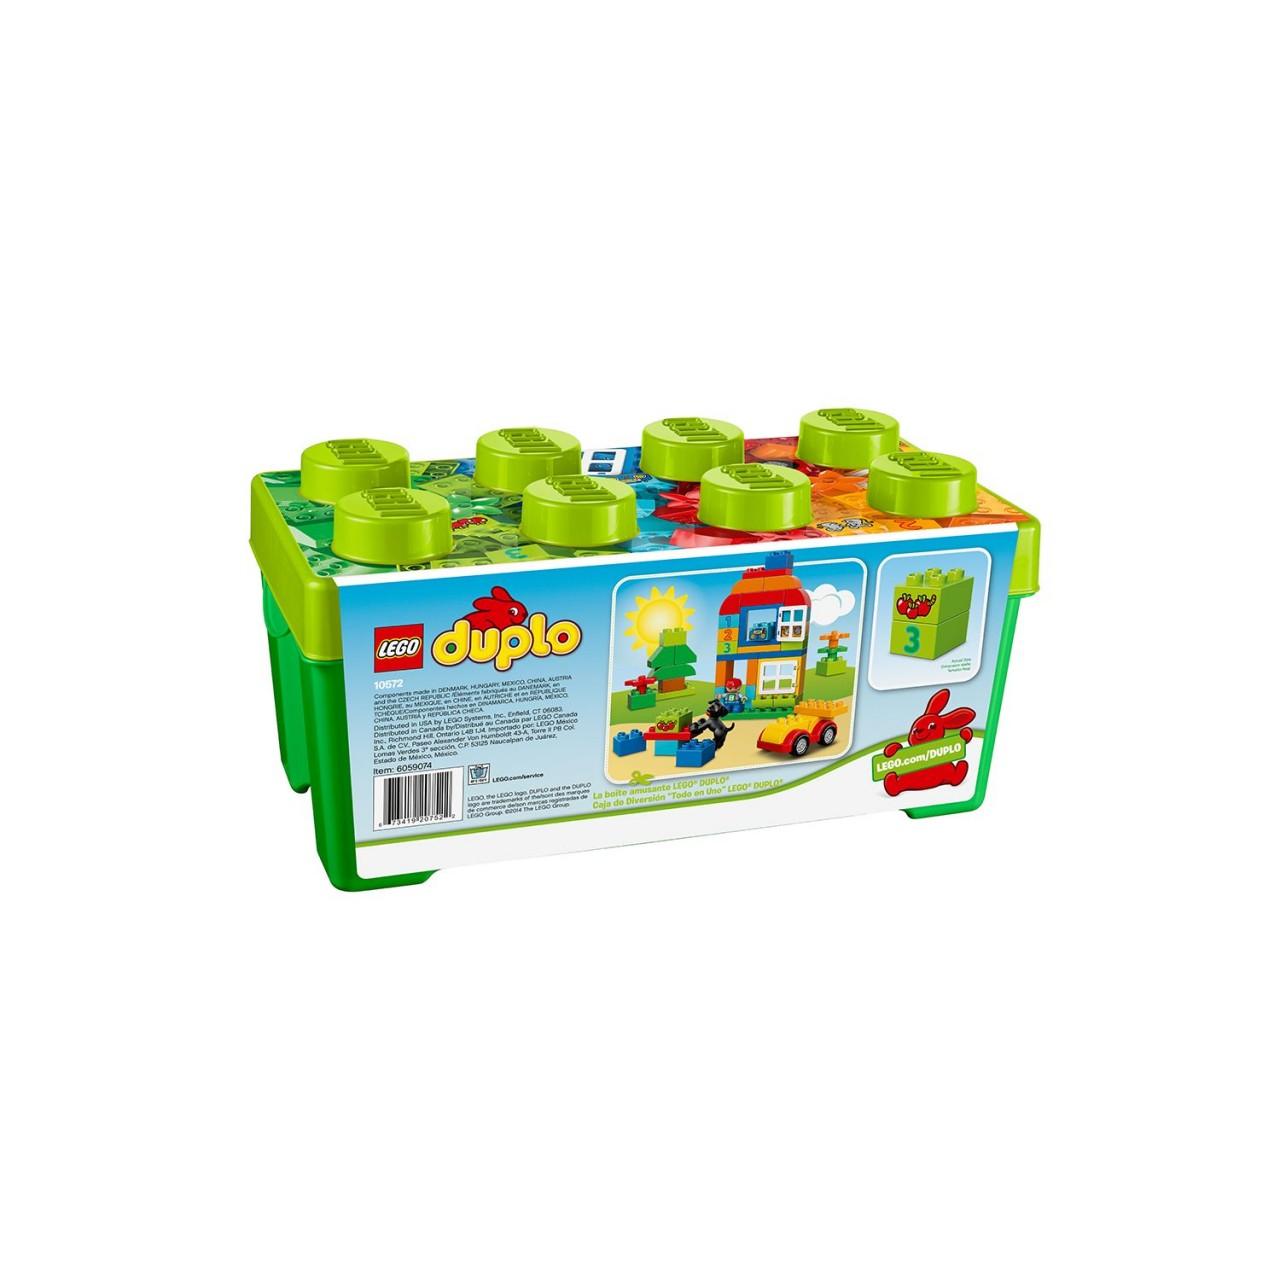 LEGO DUPLO 10572 Große Steinebox